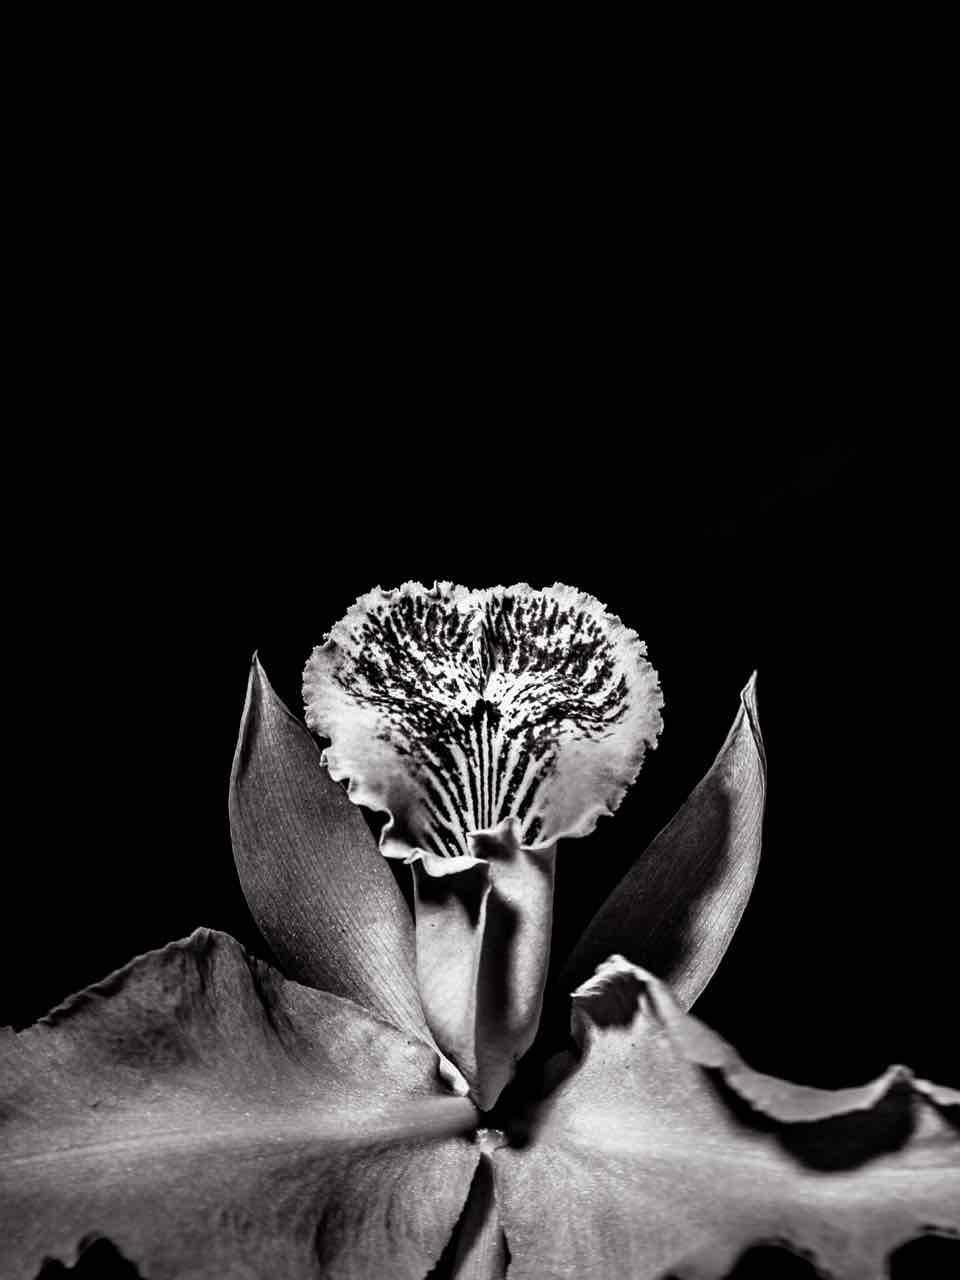 Obra: Test de Rorschach